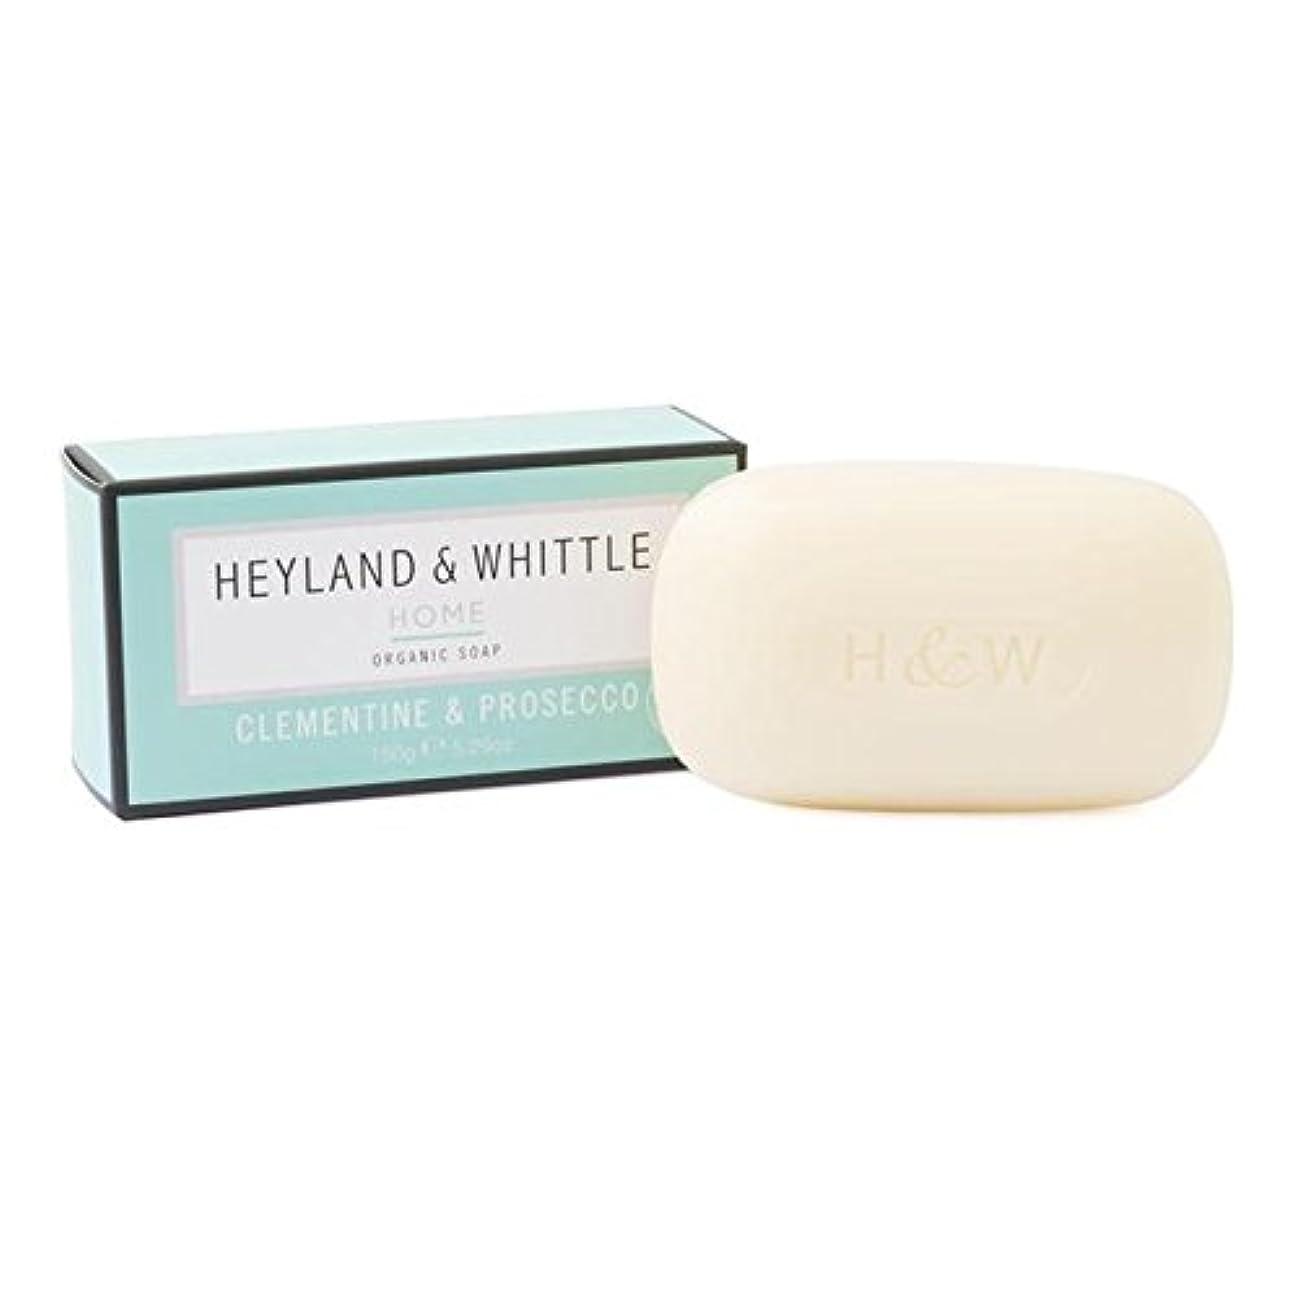 帰する大混乱モルヒネHeyland & Whittle Home Clementine & Prosecco Organic Soap 150g - &削るホームクレメンタイン&プロセッコ有機石鹸150グラム [並行輸入品]